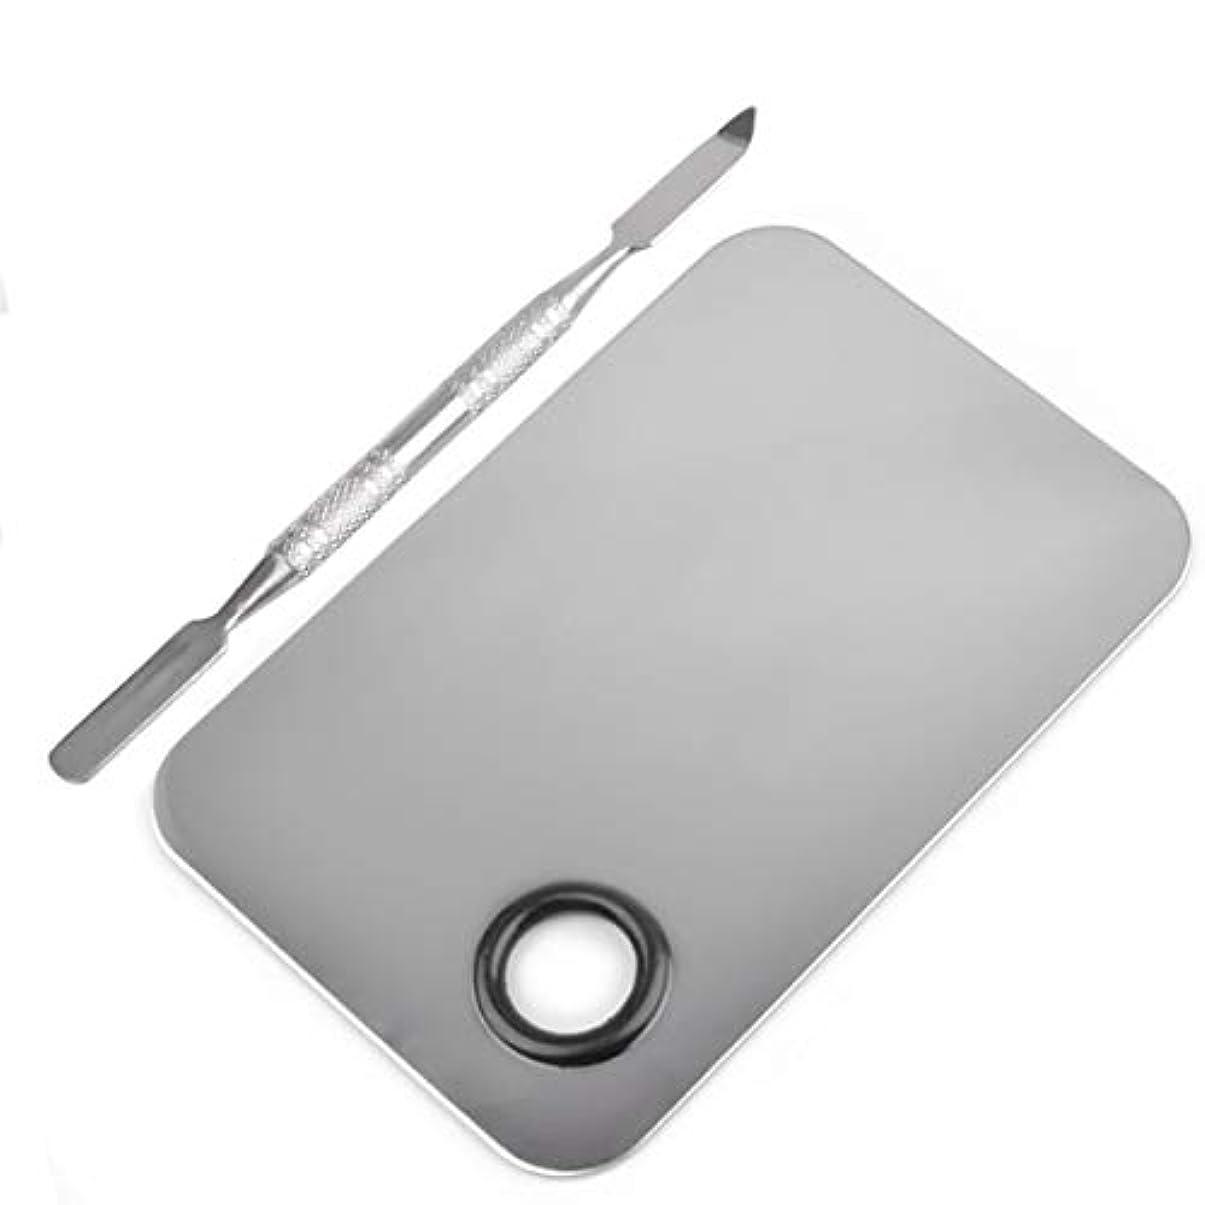 無心限りなくチーフ長方形の形のステンレス鋼化粧品メイクアップパレットへらツールセットネイルアート機器ツールキット美容ツール(シルバー)